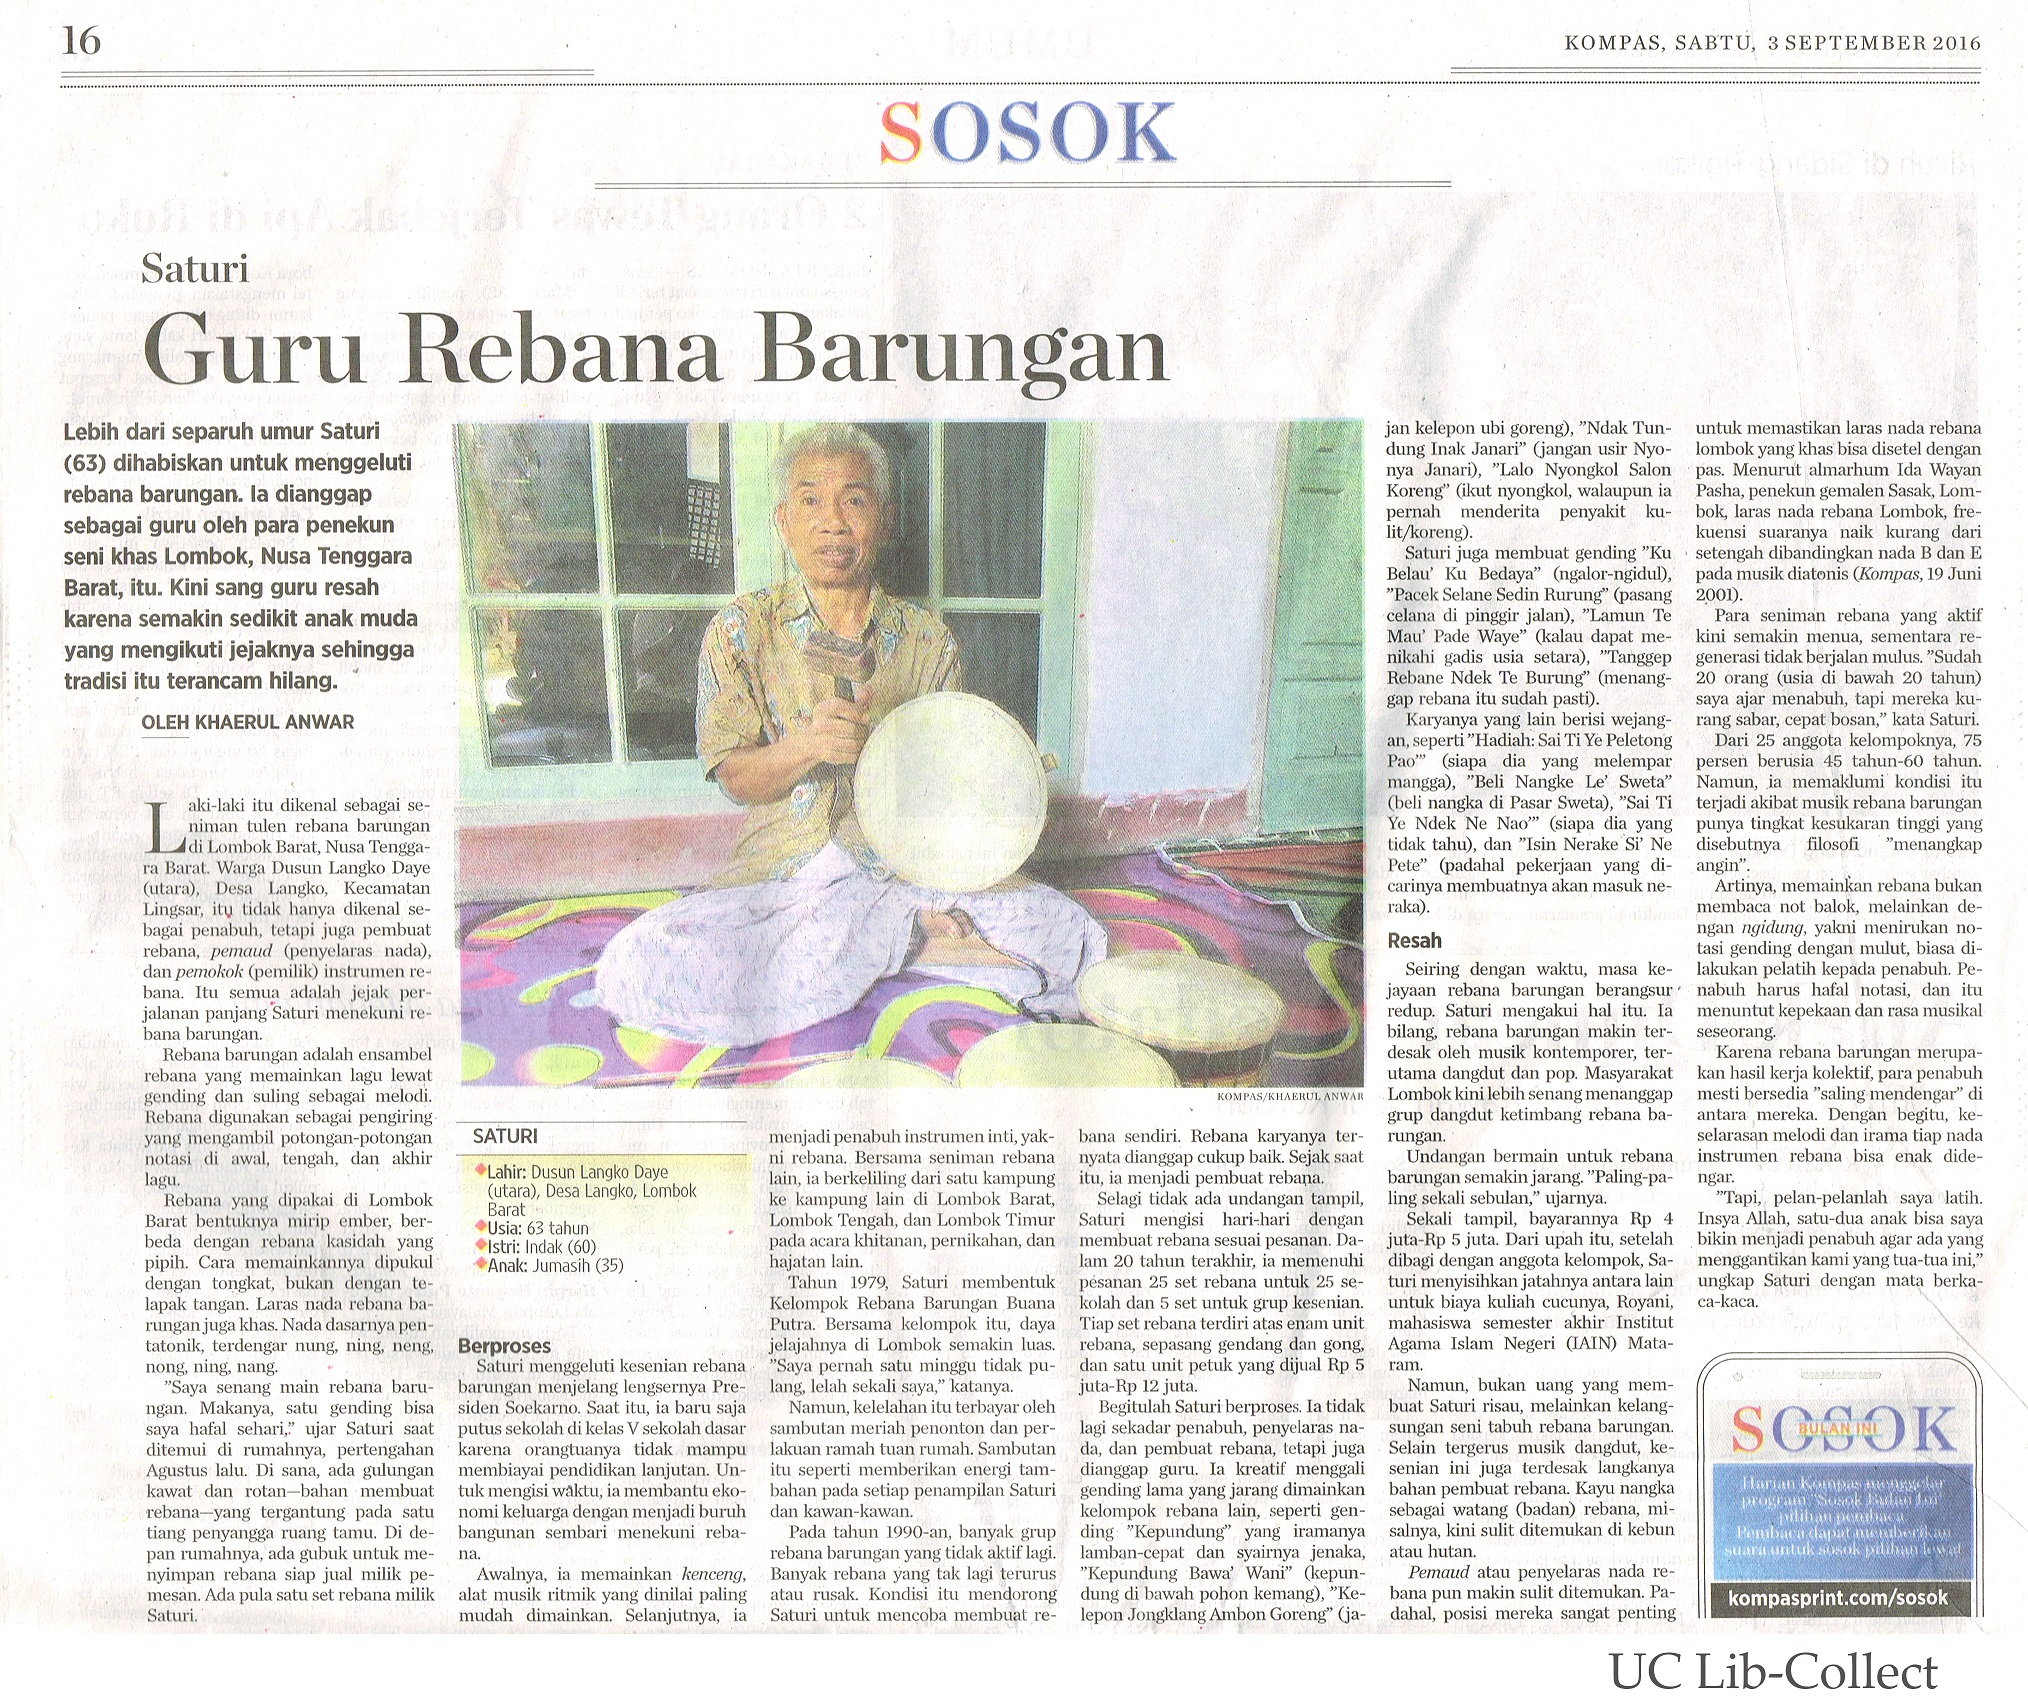 Guru Rebana Barungan. Kompas.3 September 2016. Hal.16